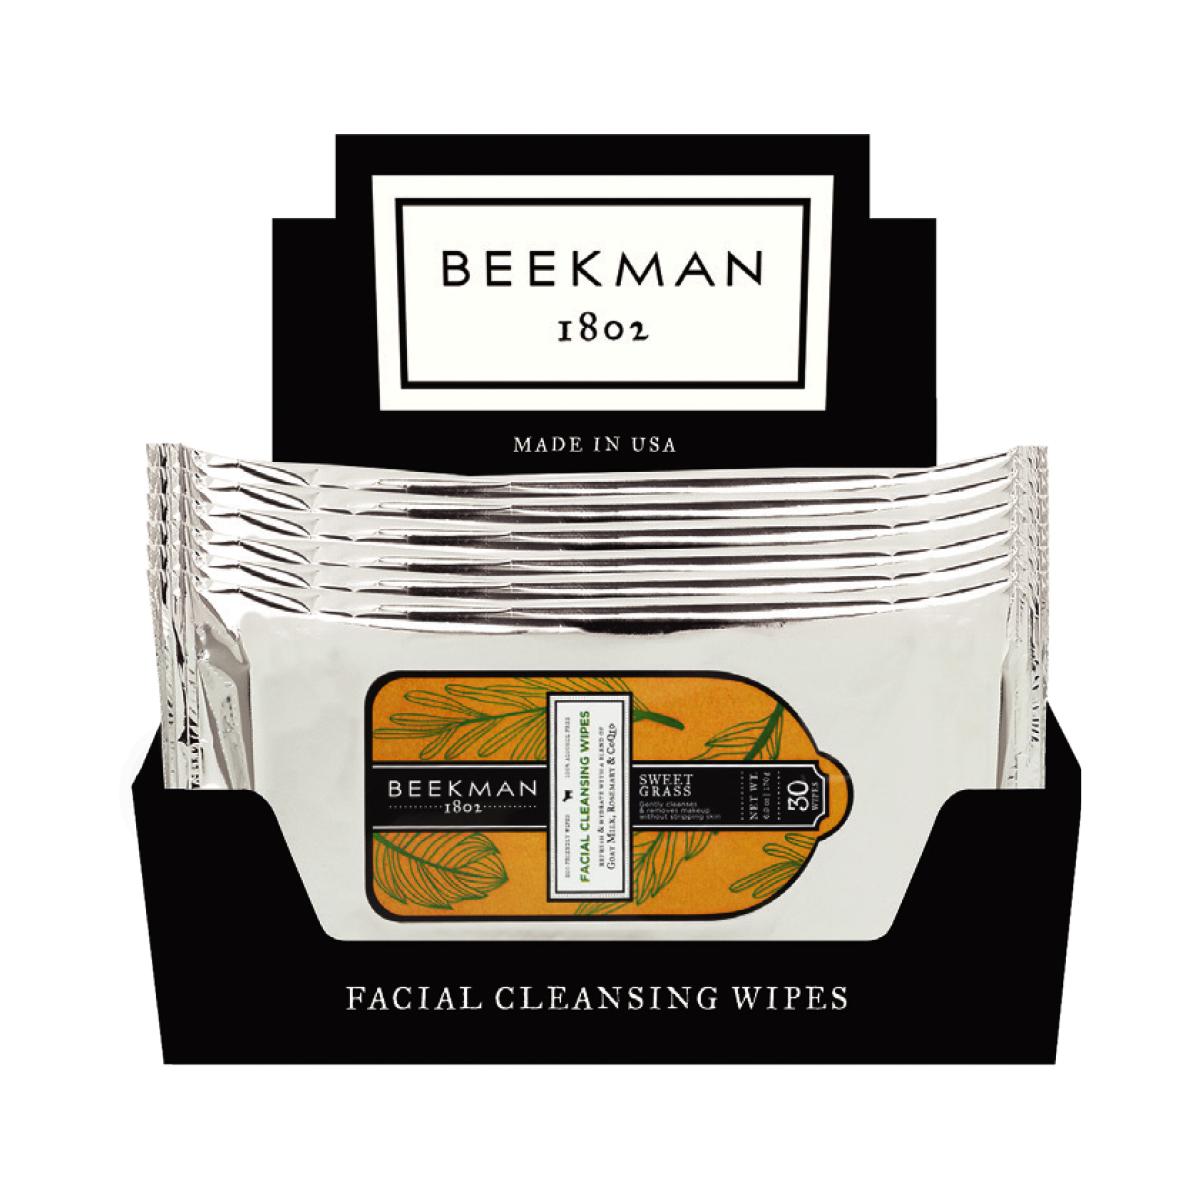 Beekman Sweet Grass Face Wipes